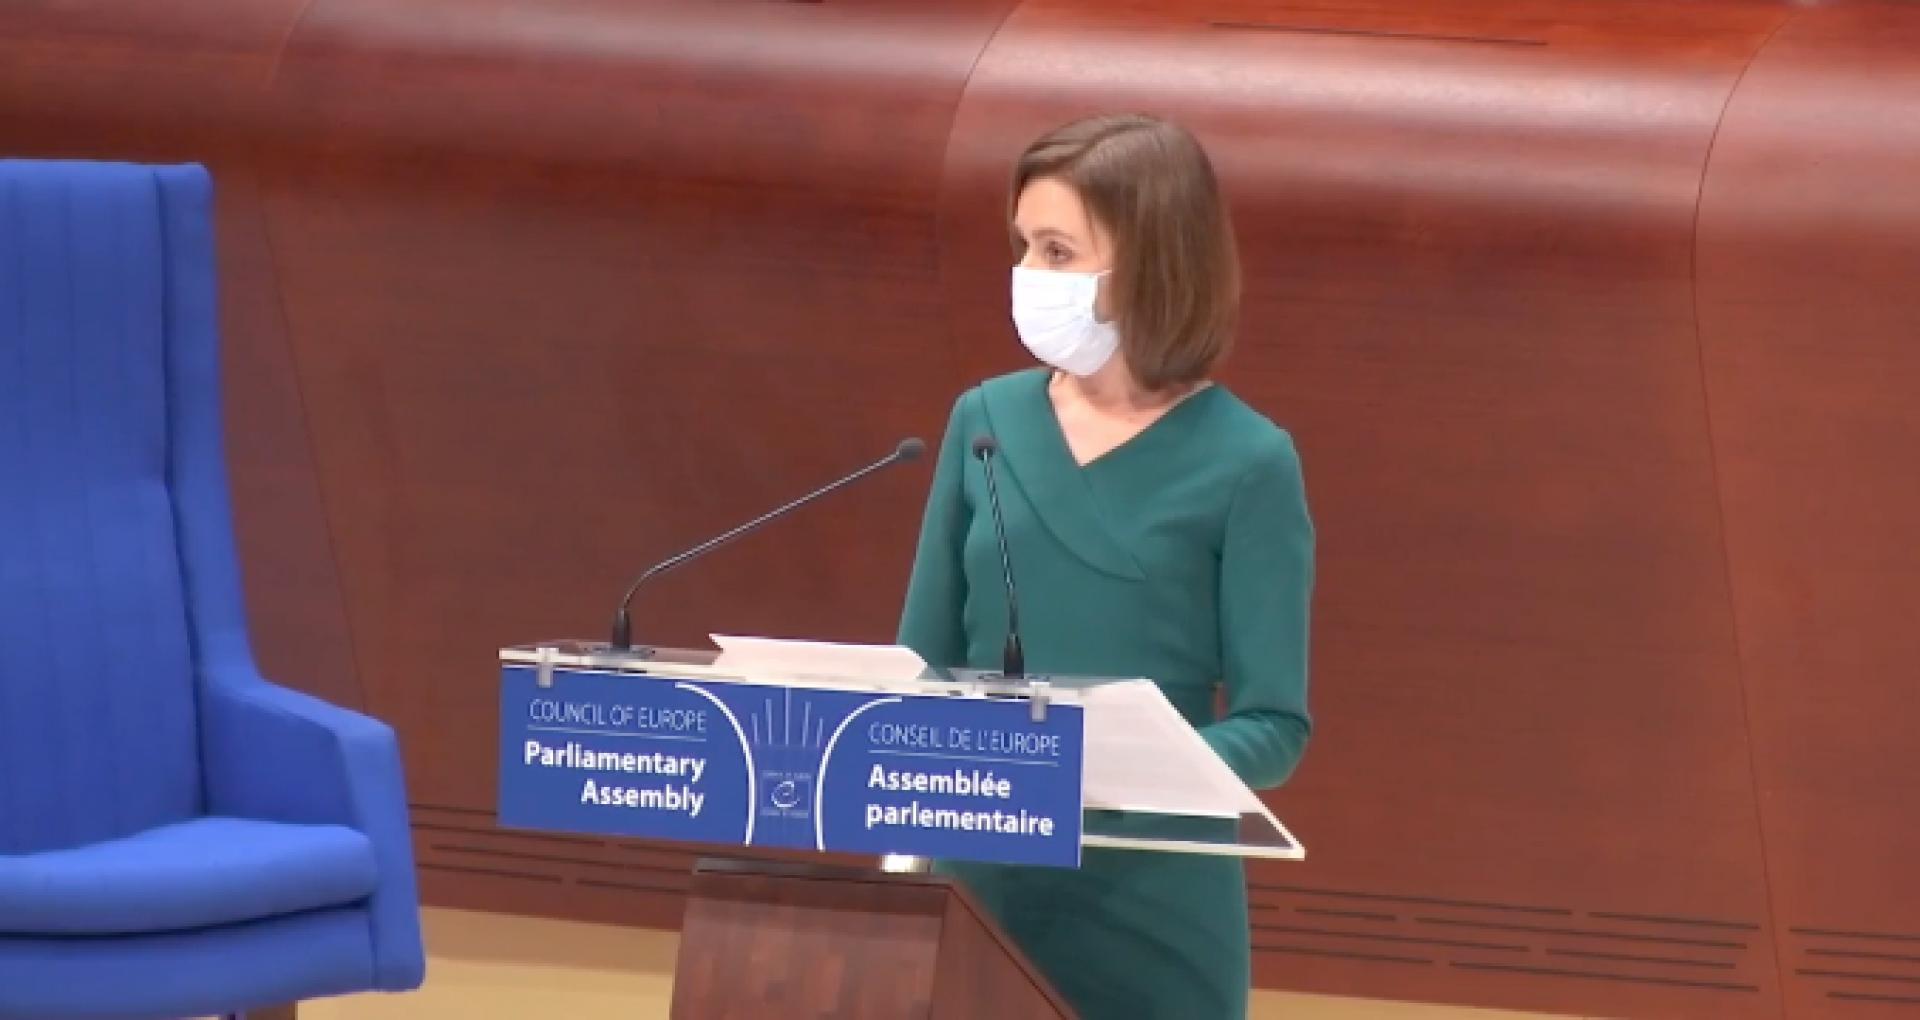 """Adresarea președintei R. Moldova, Maia Sandu,  în plenul Adunării Parlamentare a Consiliului Europei: """"Moldovenii se unesc, pregătiți să-și reconstruiască țara. Sunt onorată că am fost aleasă președinte al acestei țări"""""""